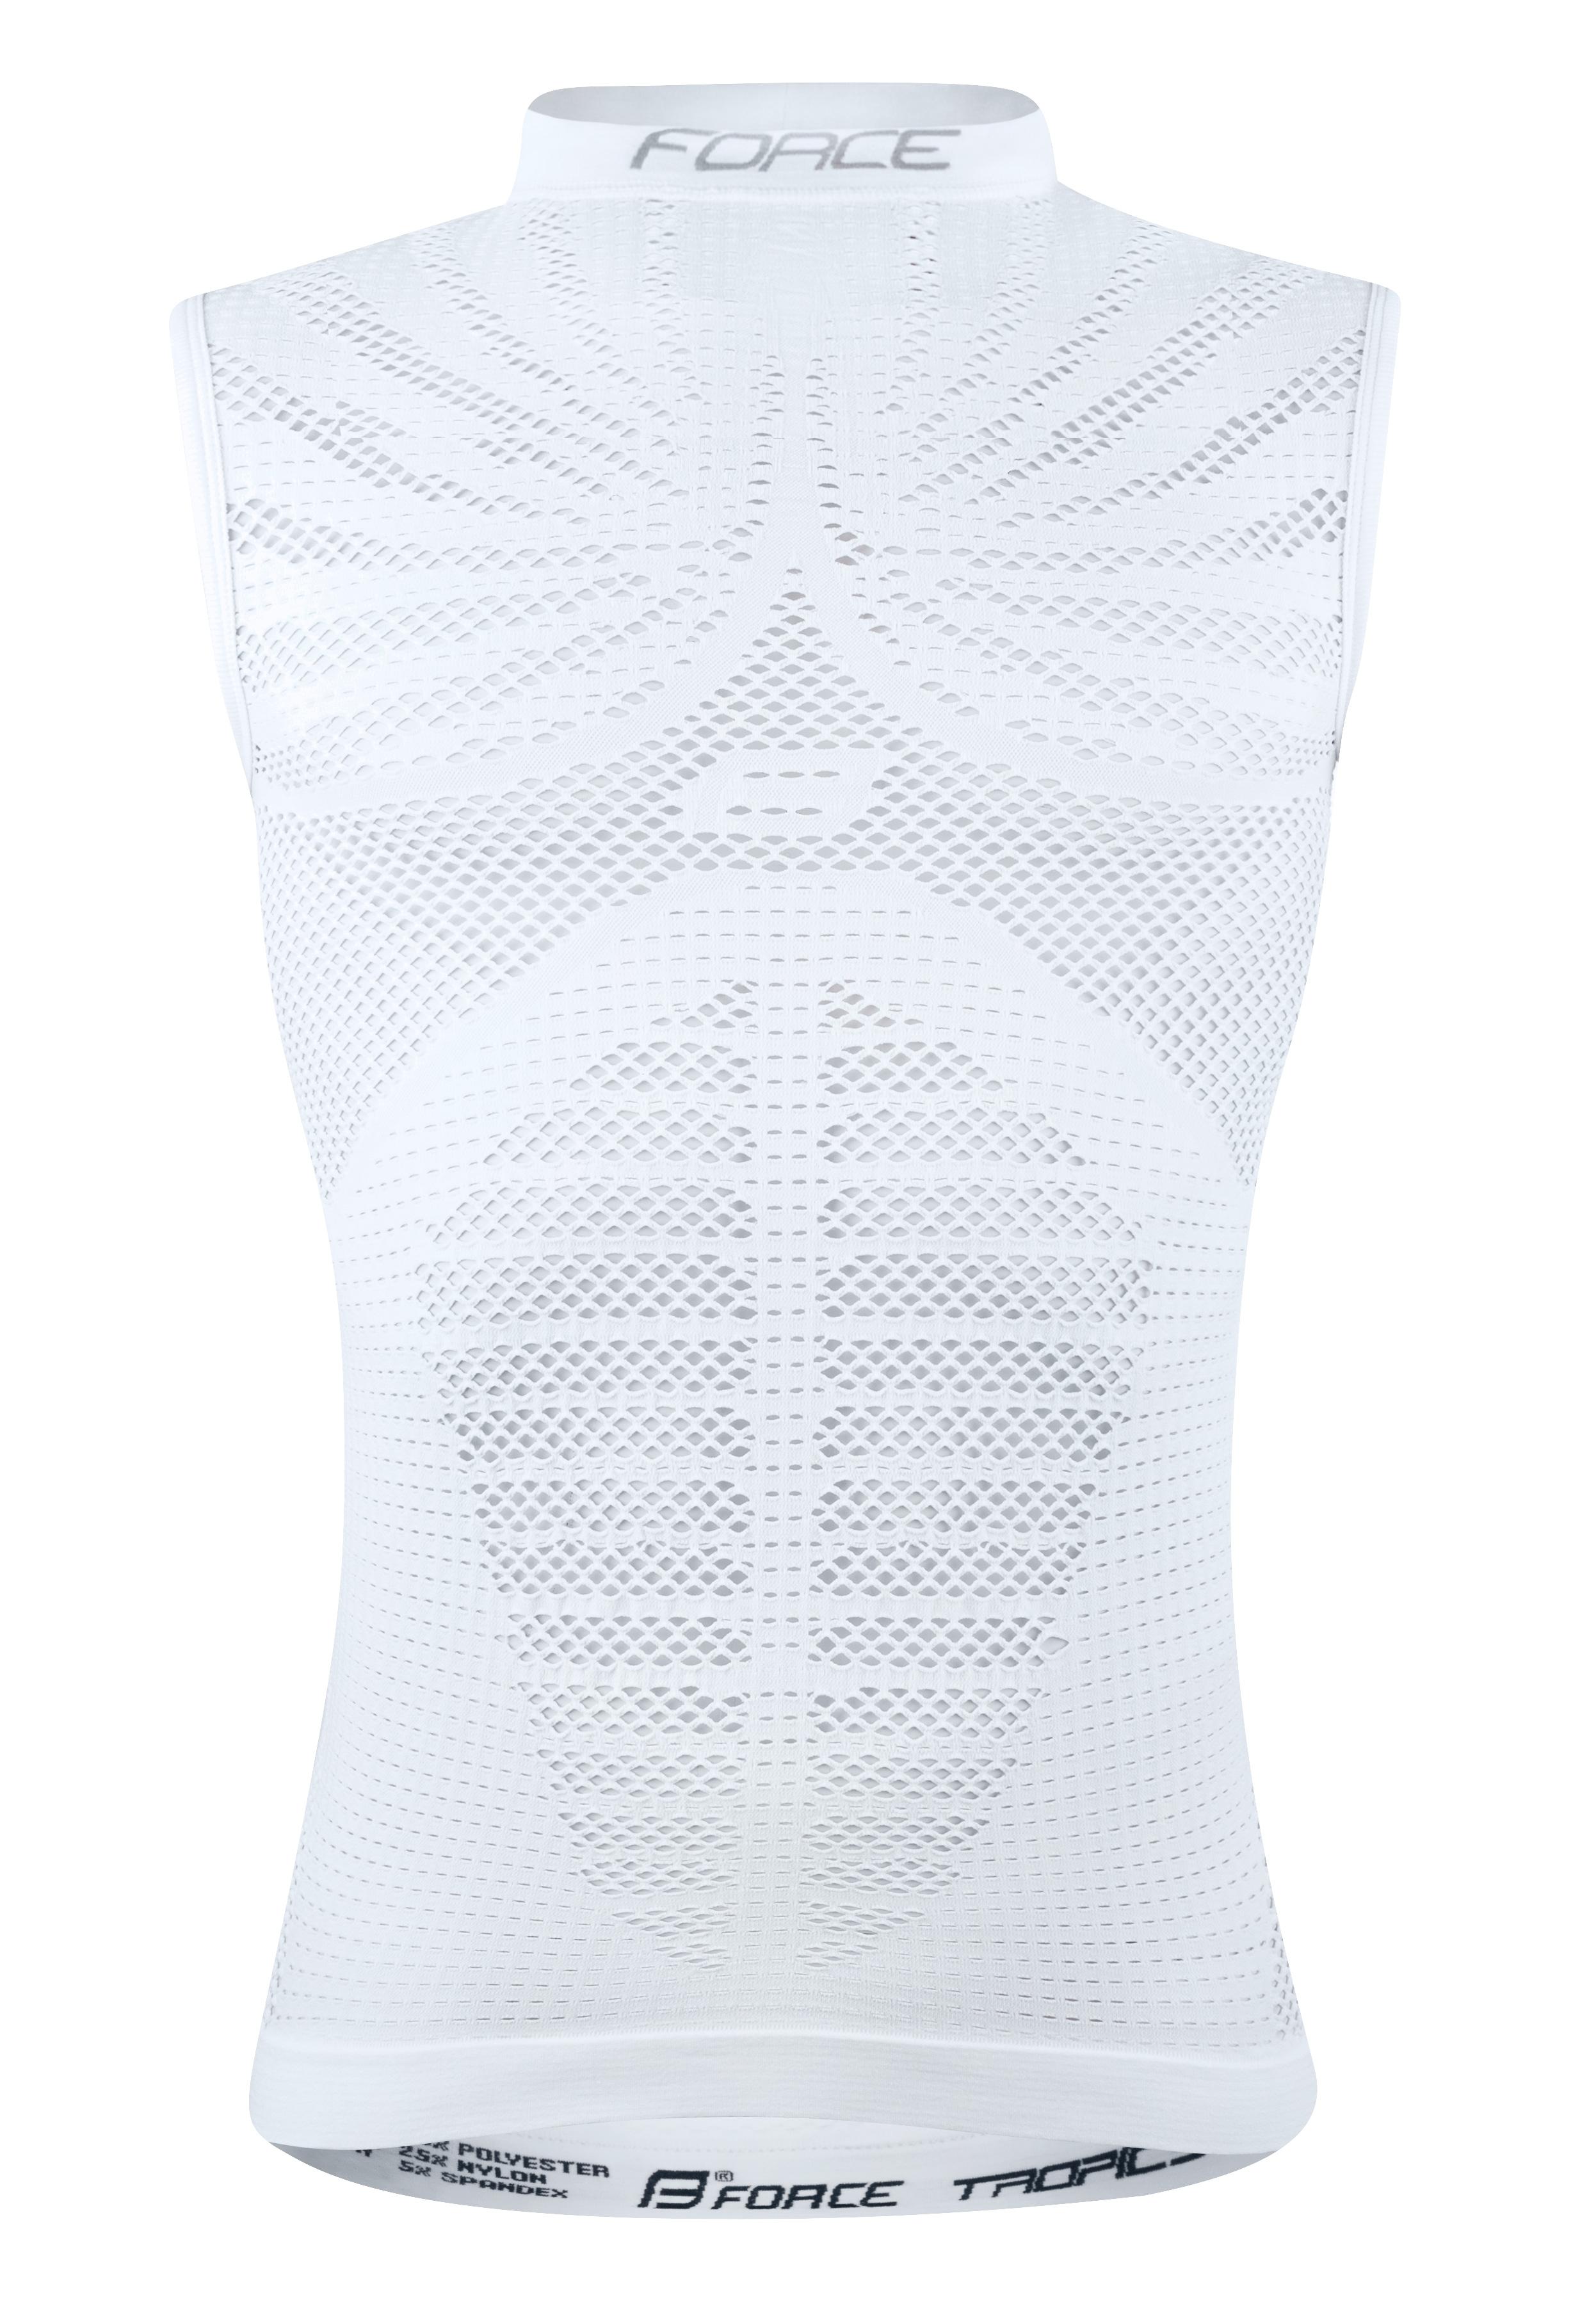 triko/funkční prádlo FORCE TROPIC bez rukávů,bílé L-XL